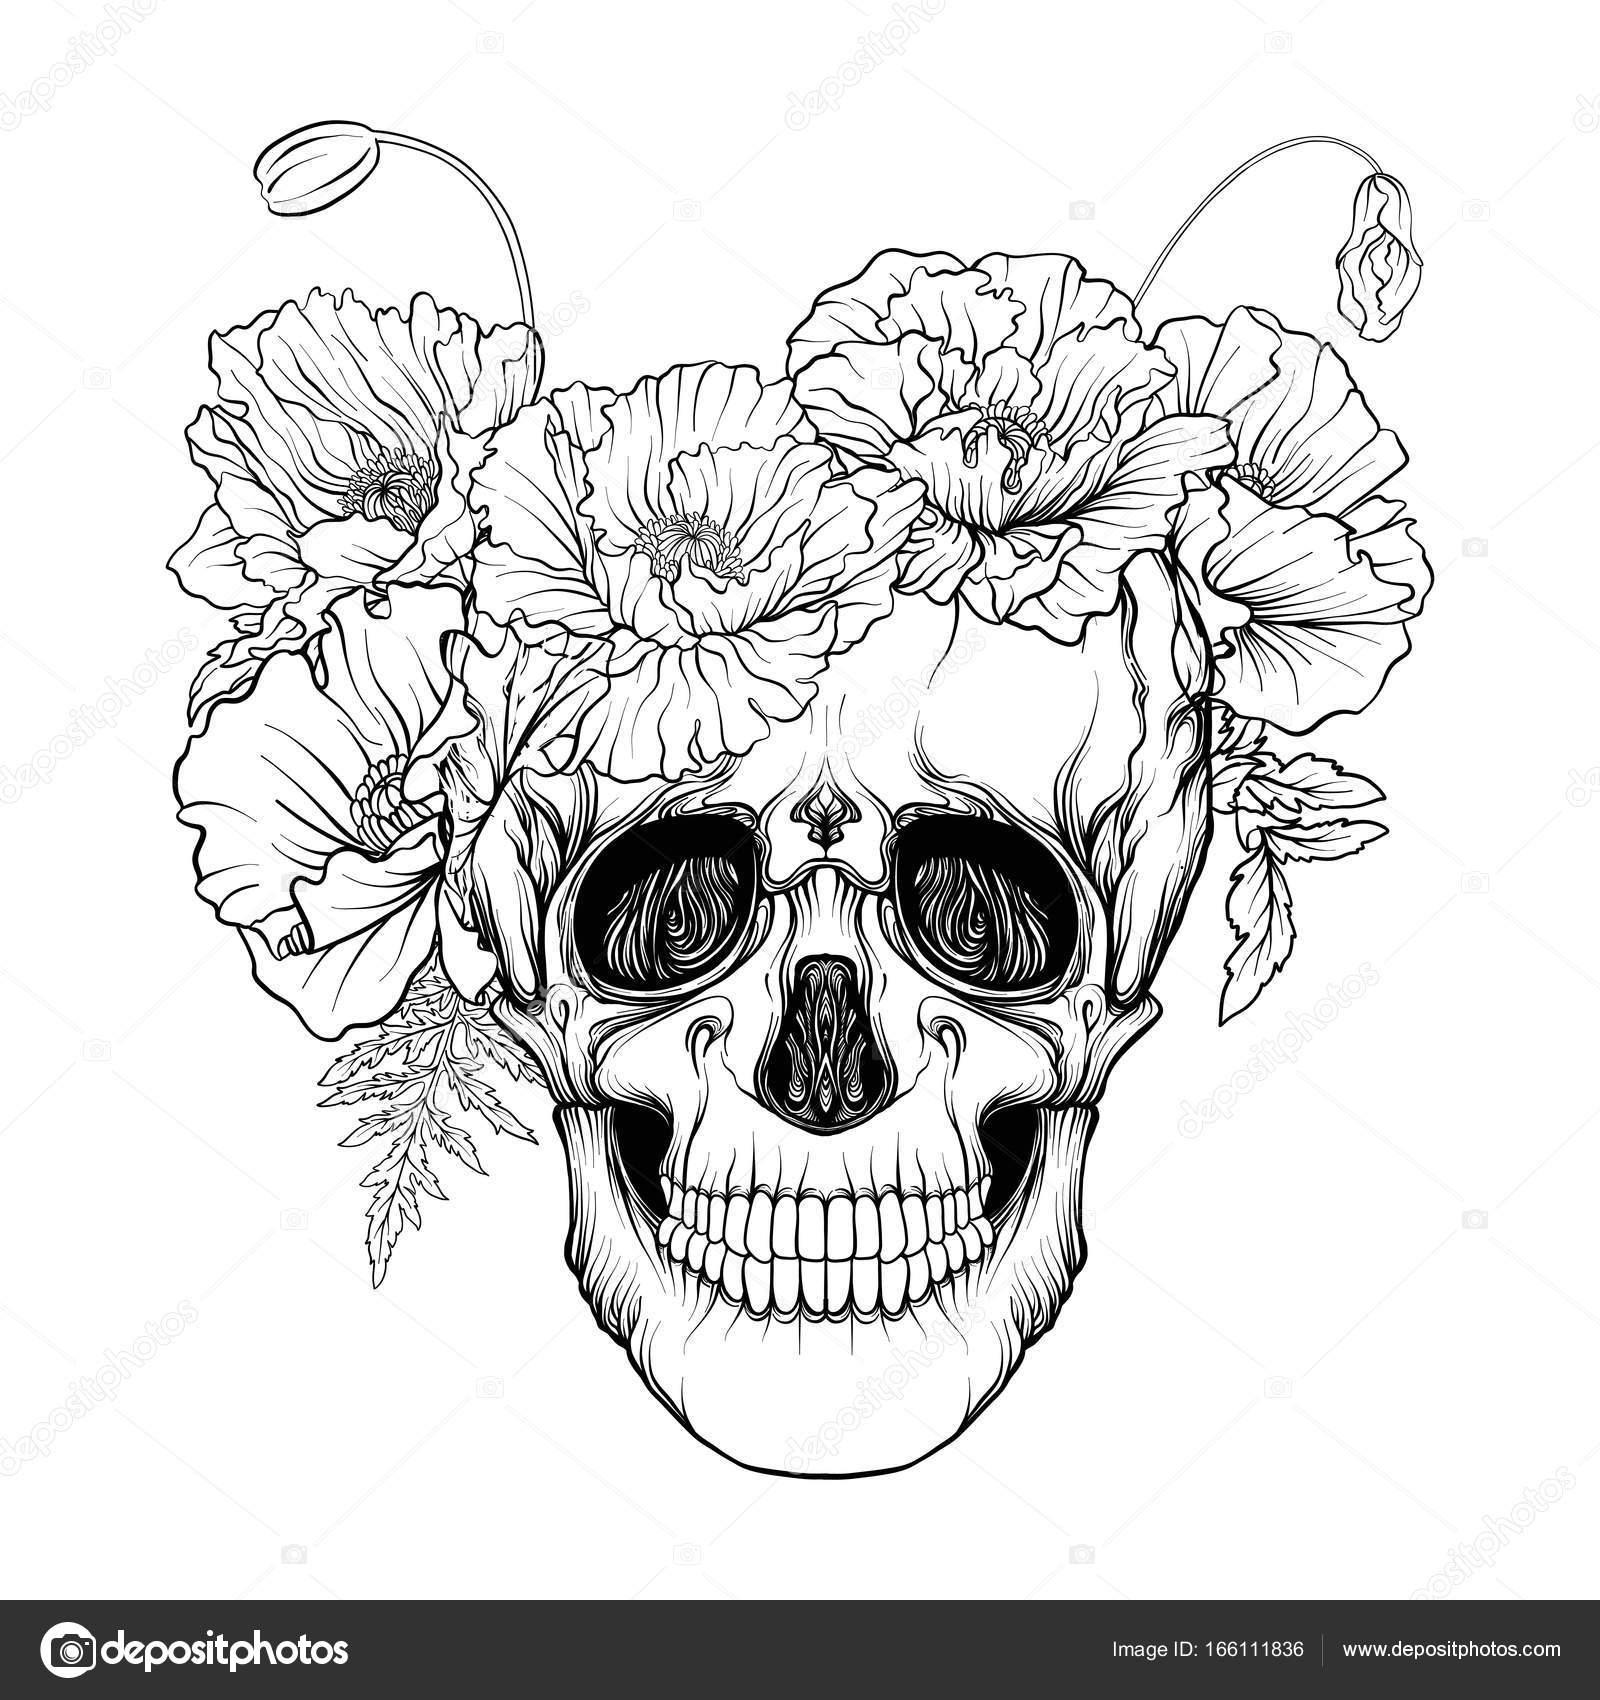 Dibujos Dibujo De Un Craneo Para Colorear Cráneo Del Azúcar Con